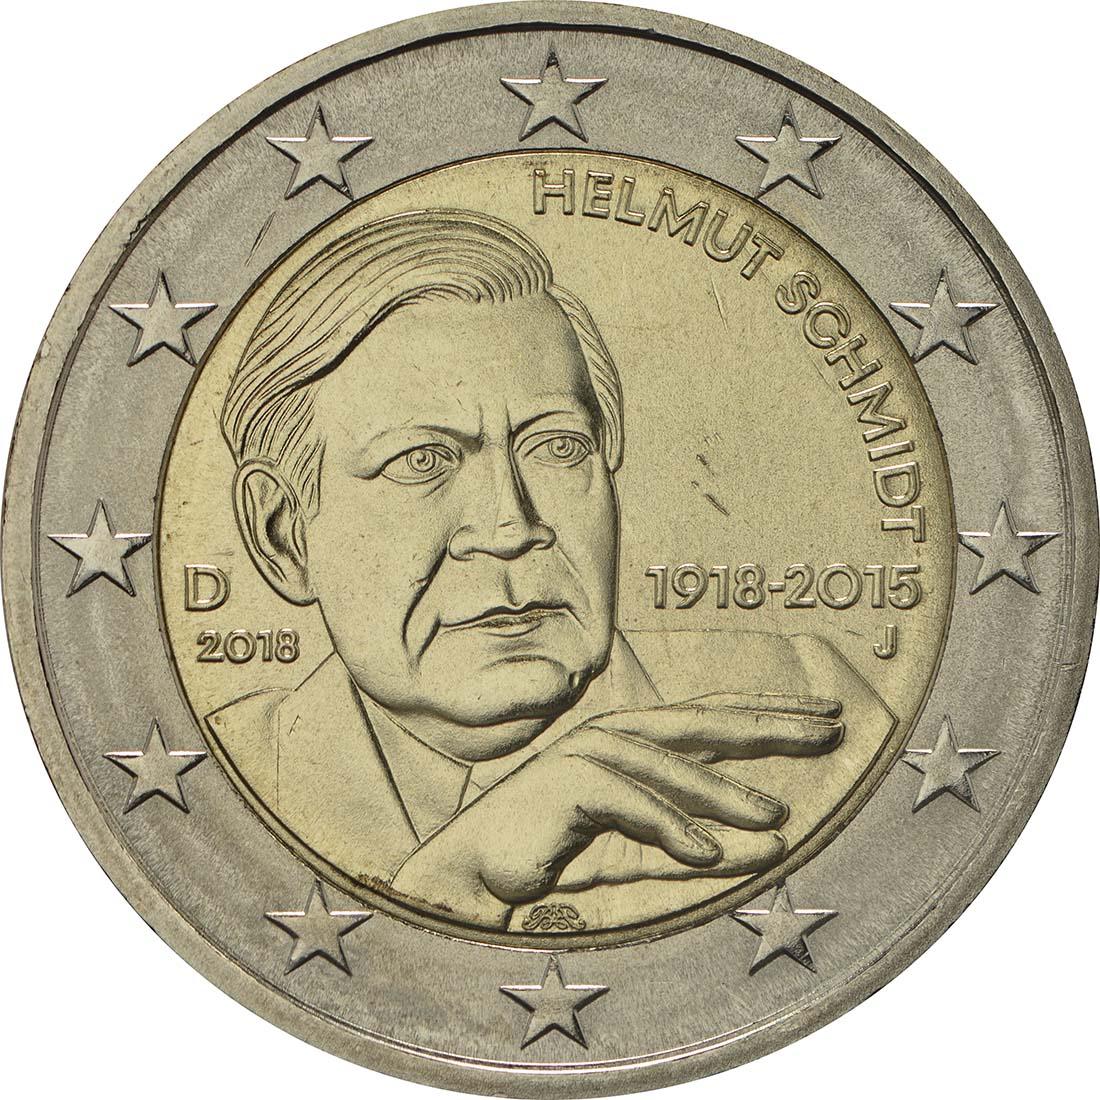 2018 301 Helmut Schmidt.jpg